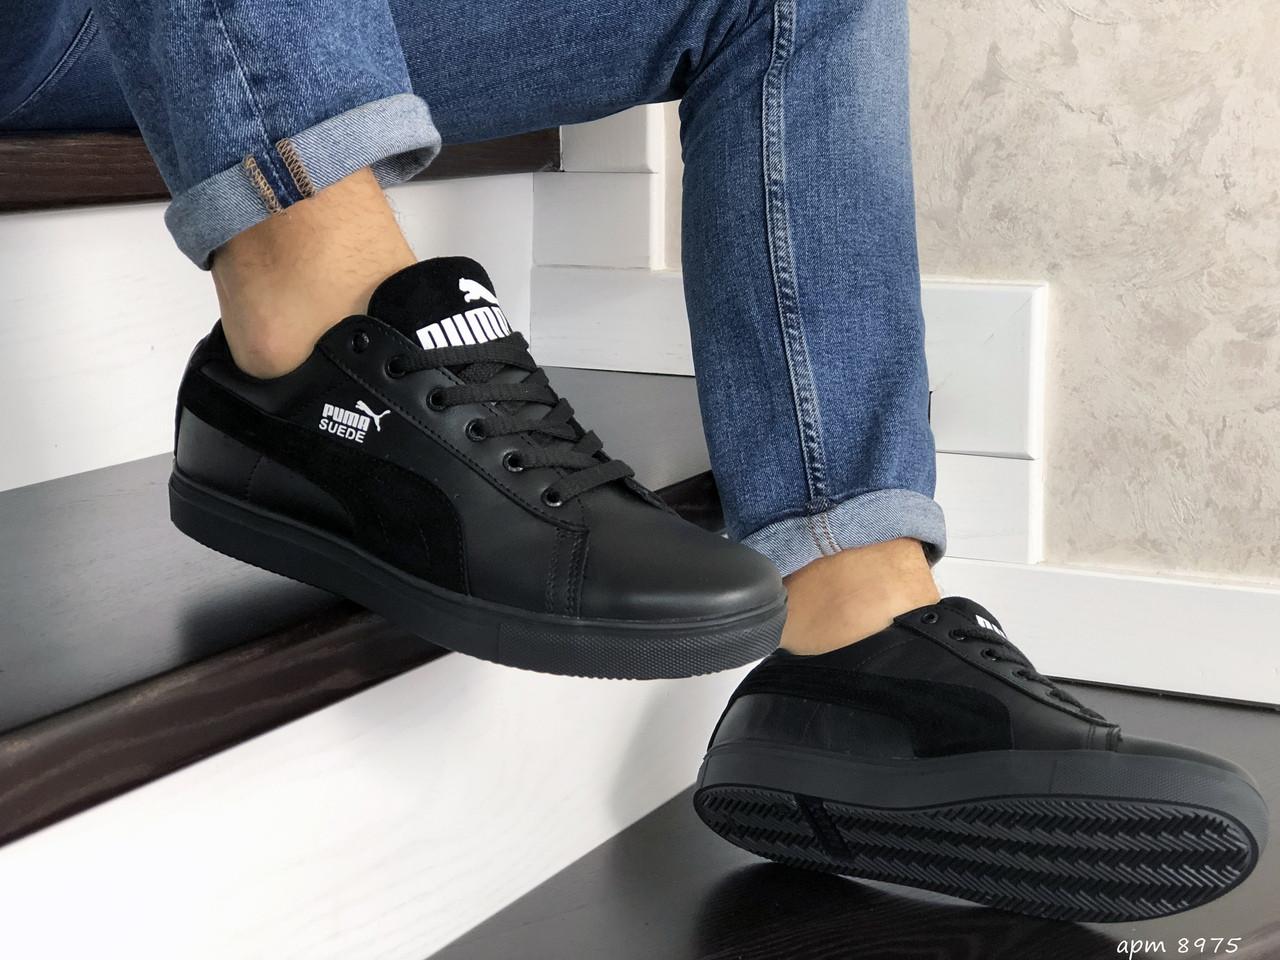 Чоловічі кросівки Puma Suede (чорні) 8975